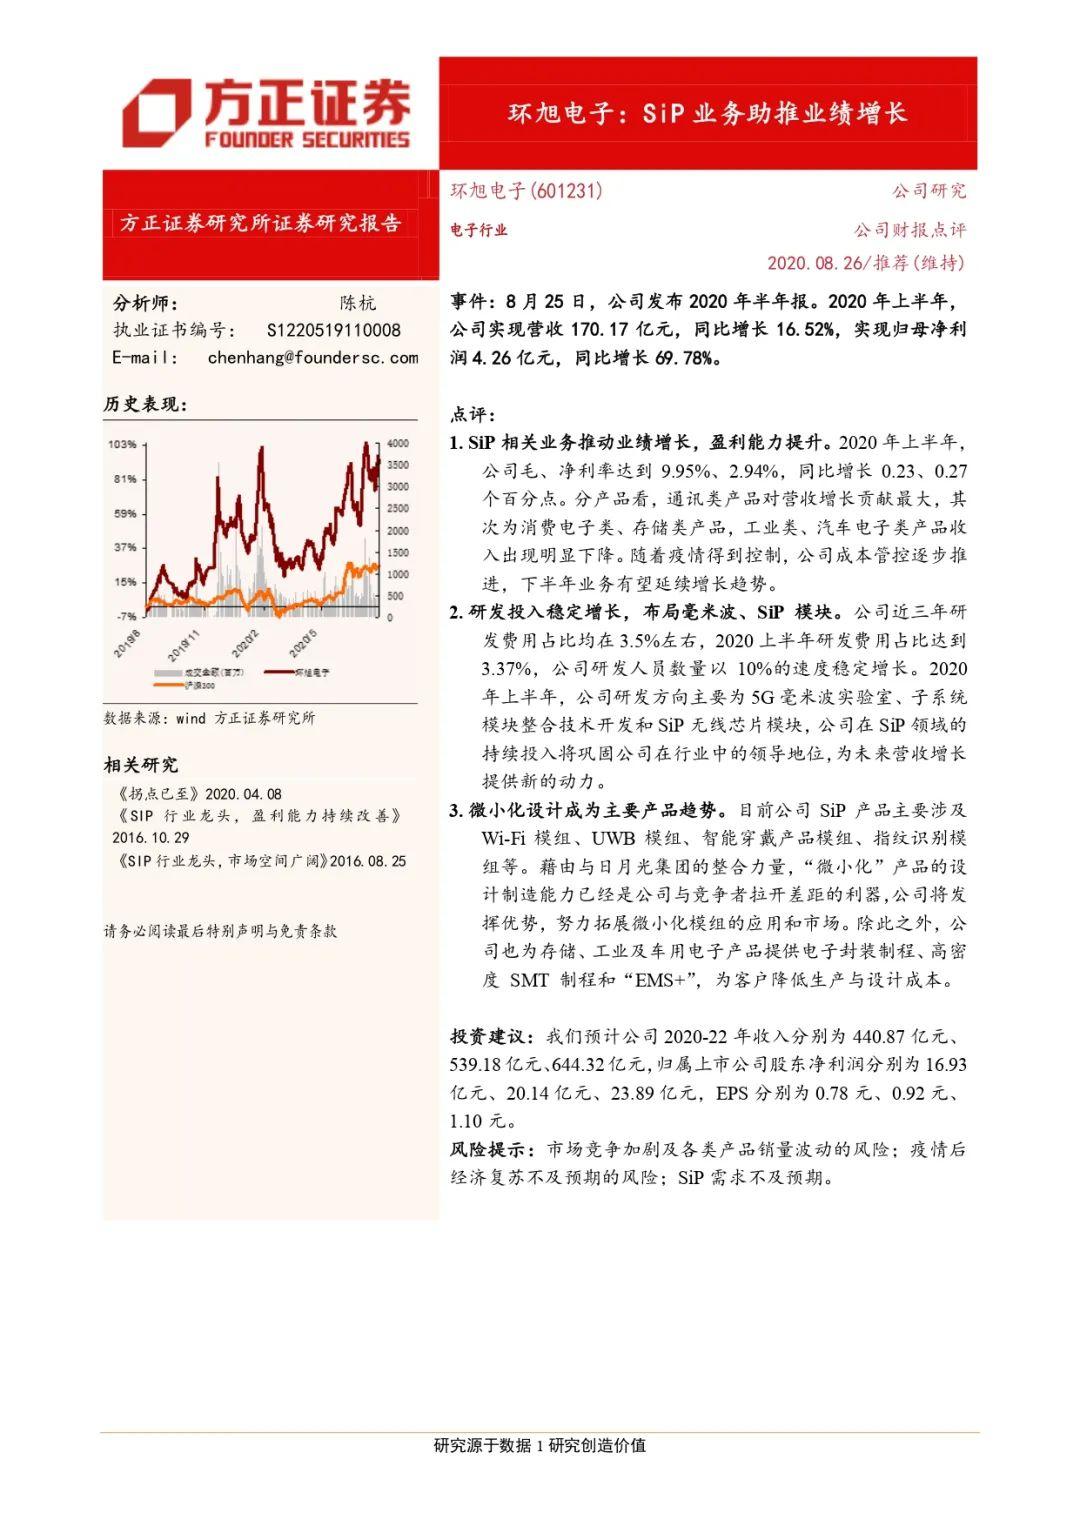 环旭:SiP助推业绩增长